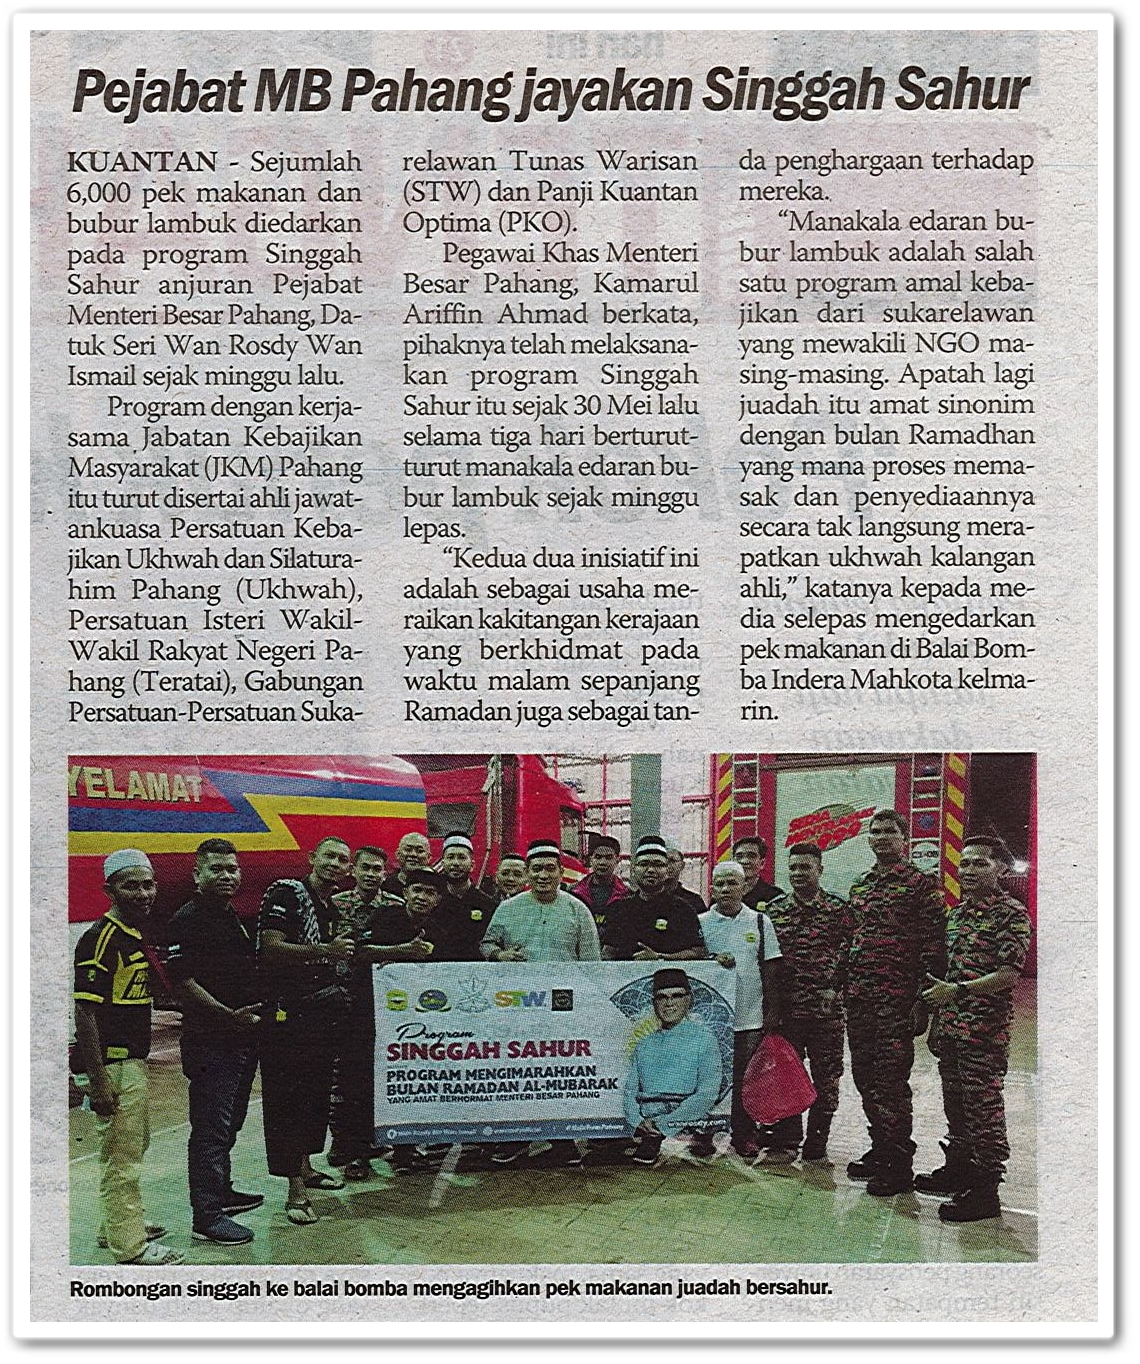 Pejabat MB Pahang jayakan Singgah Sahur - Keratan akhbar Sinar Harian 3 Jun 2019